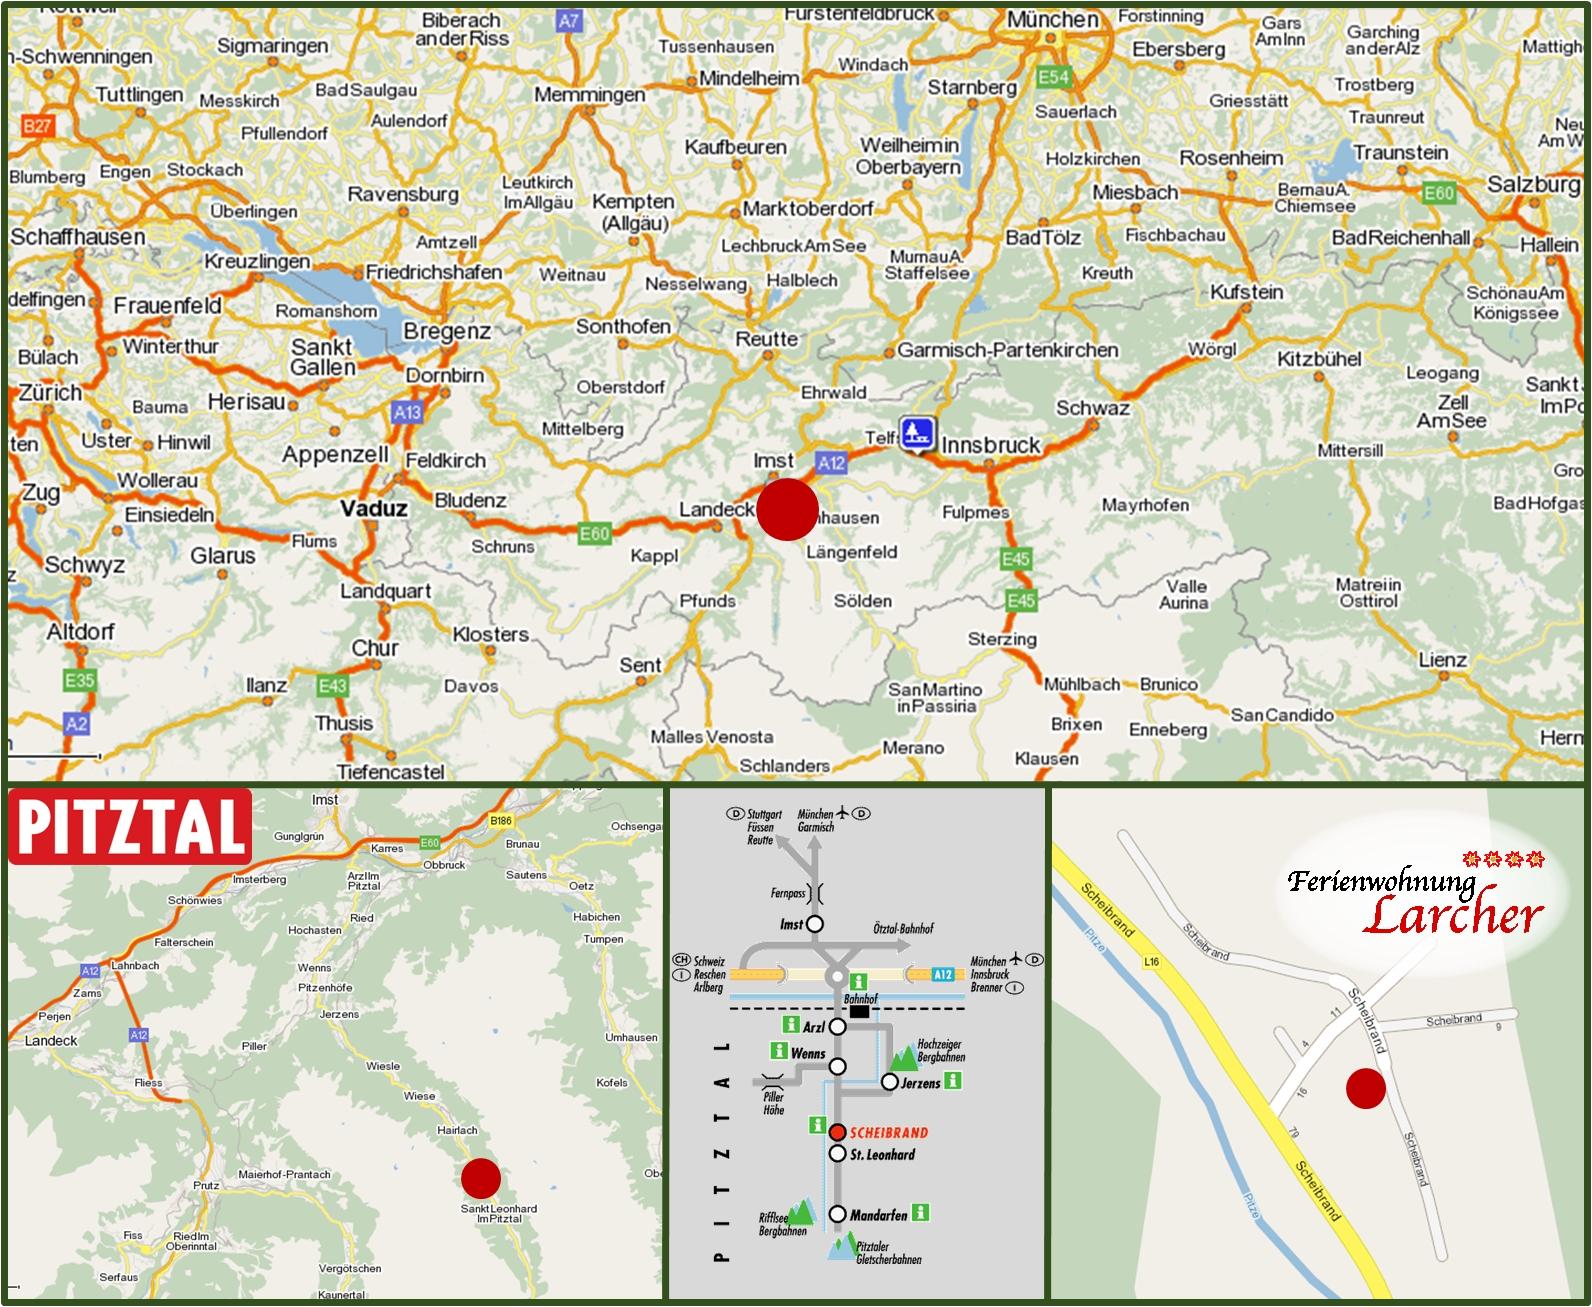 Pitztal Karte.Kontakt Anreise Ferienwohnung Larcher In St Leonhard